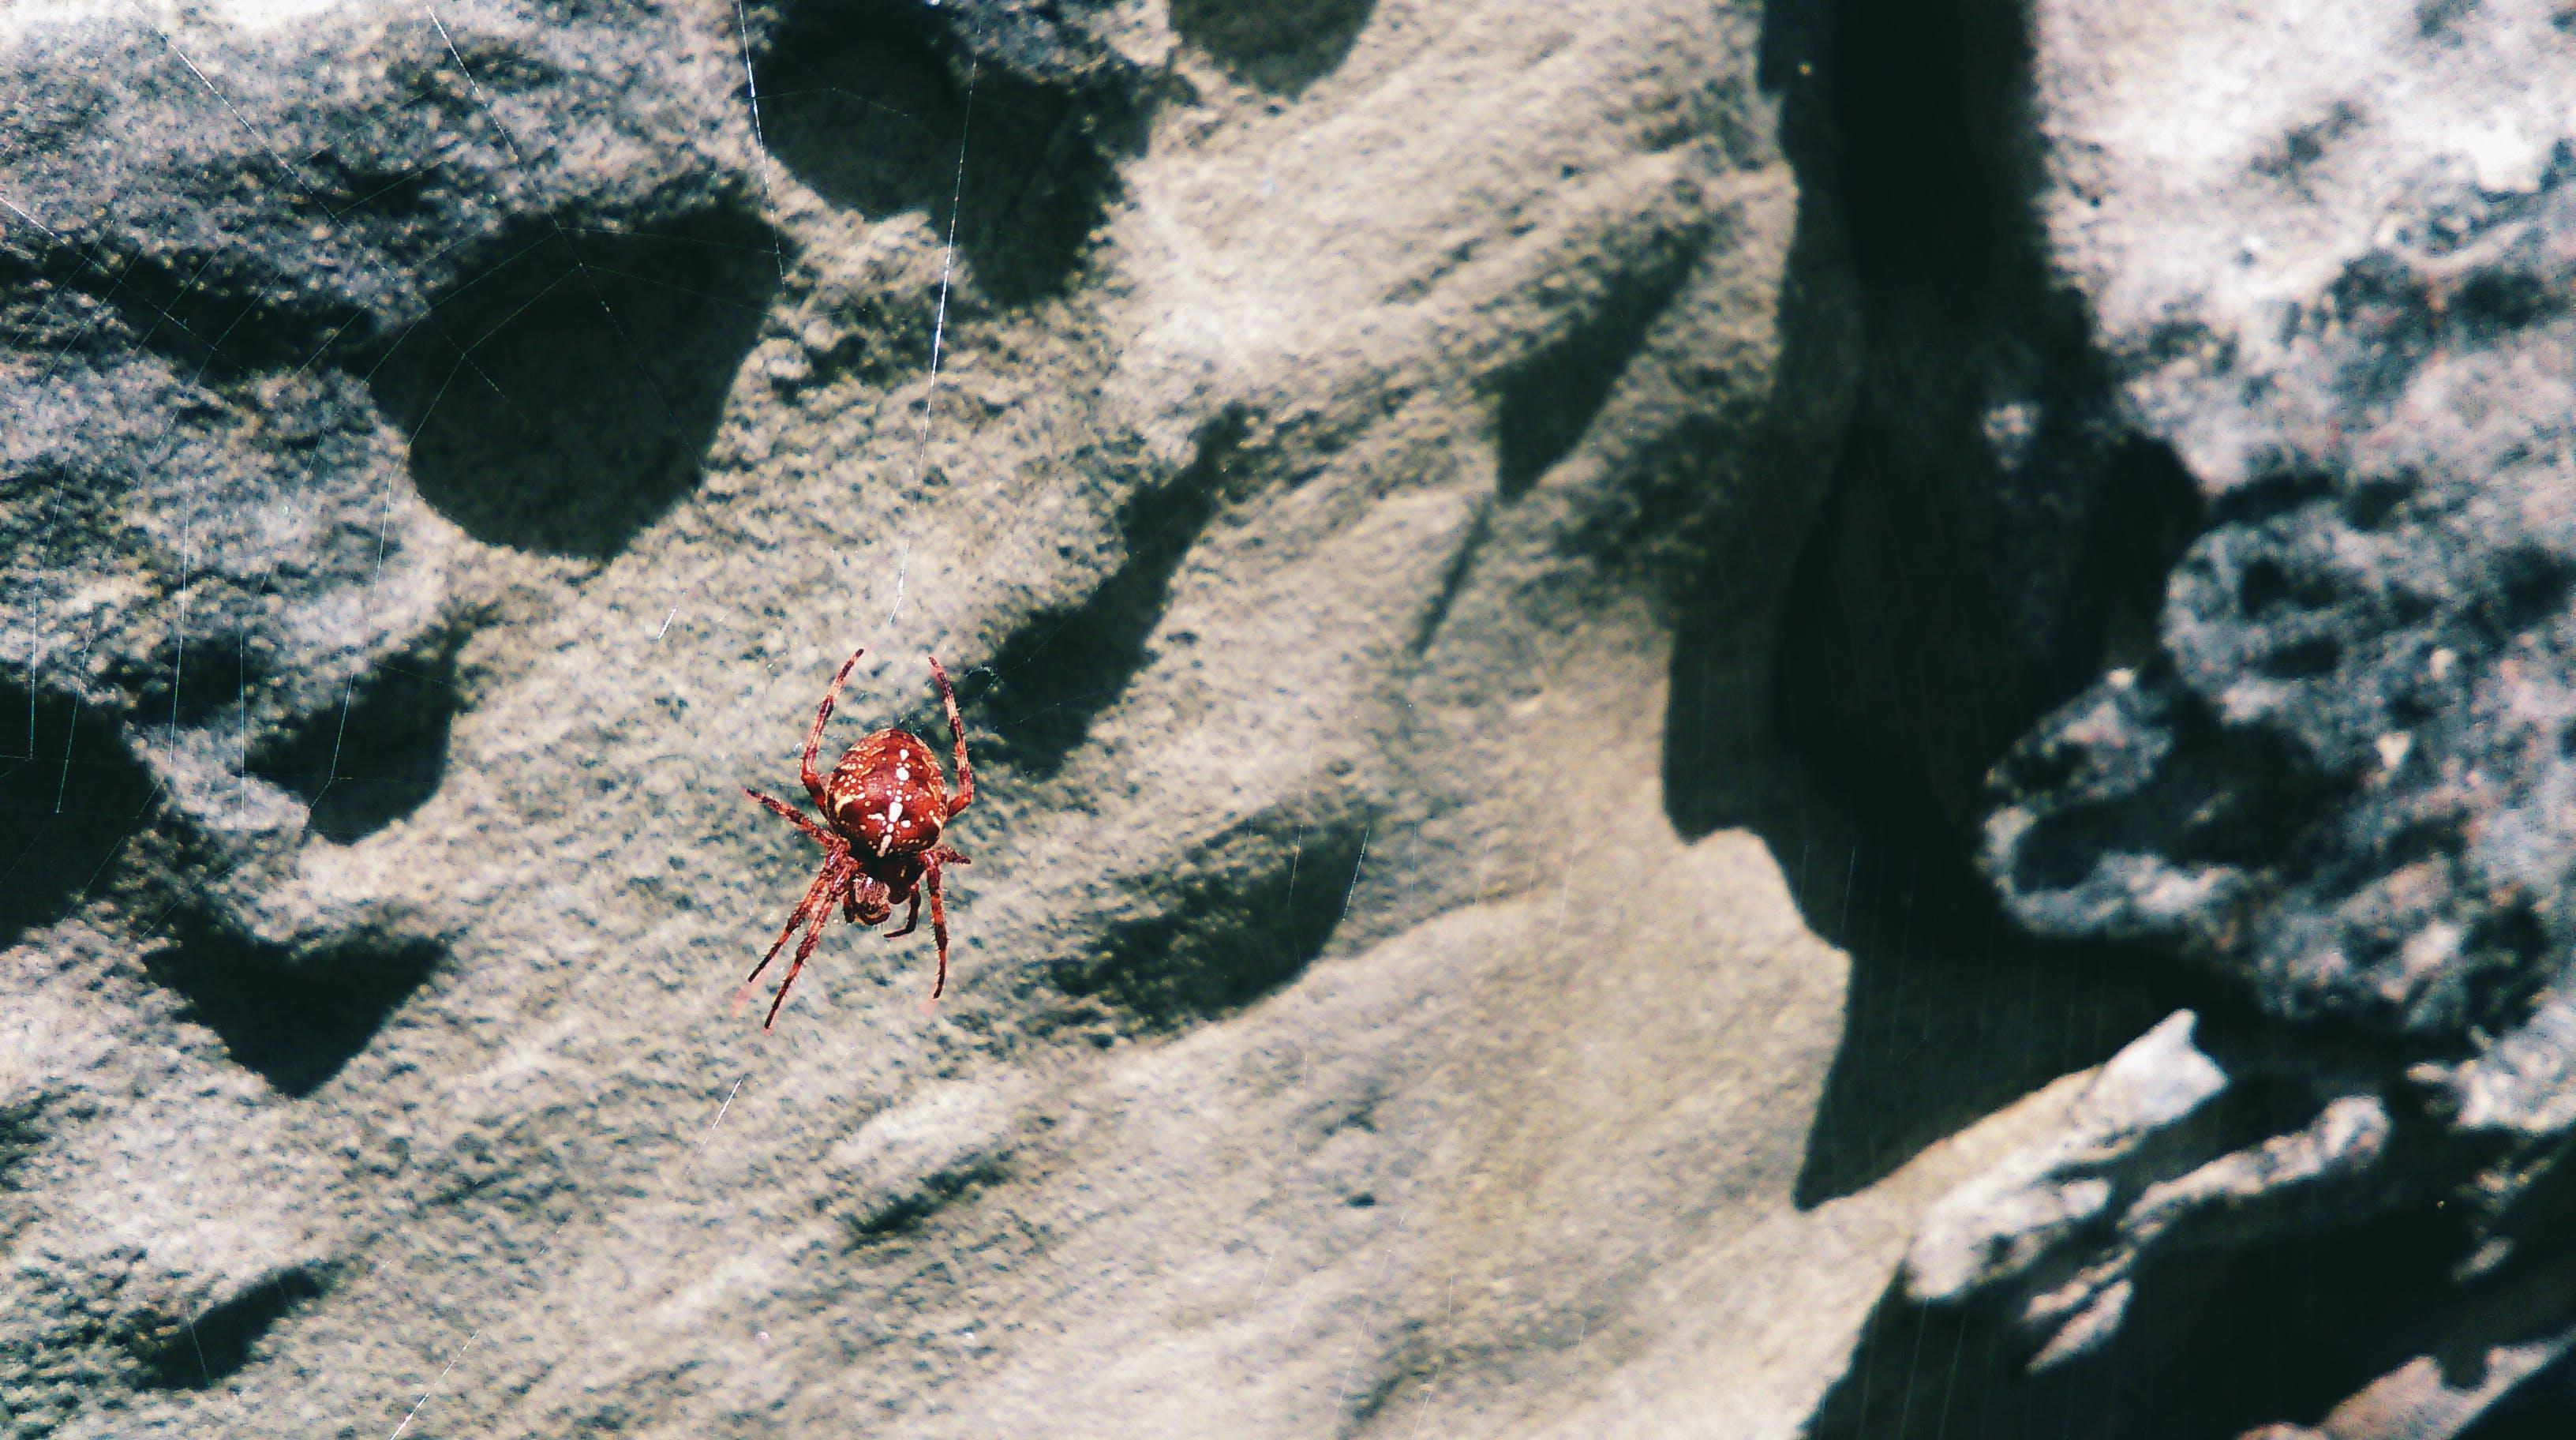 rock, spider, spider web